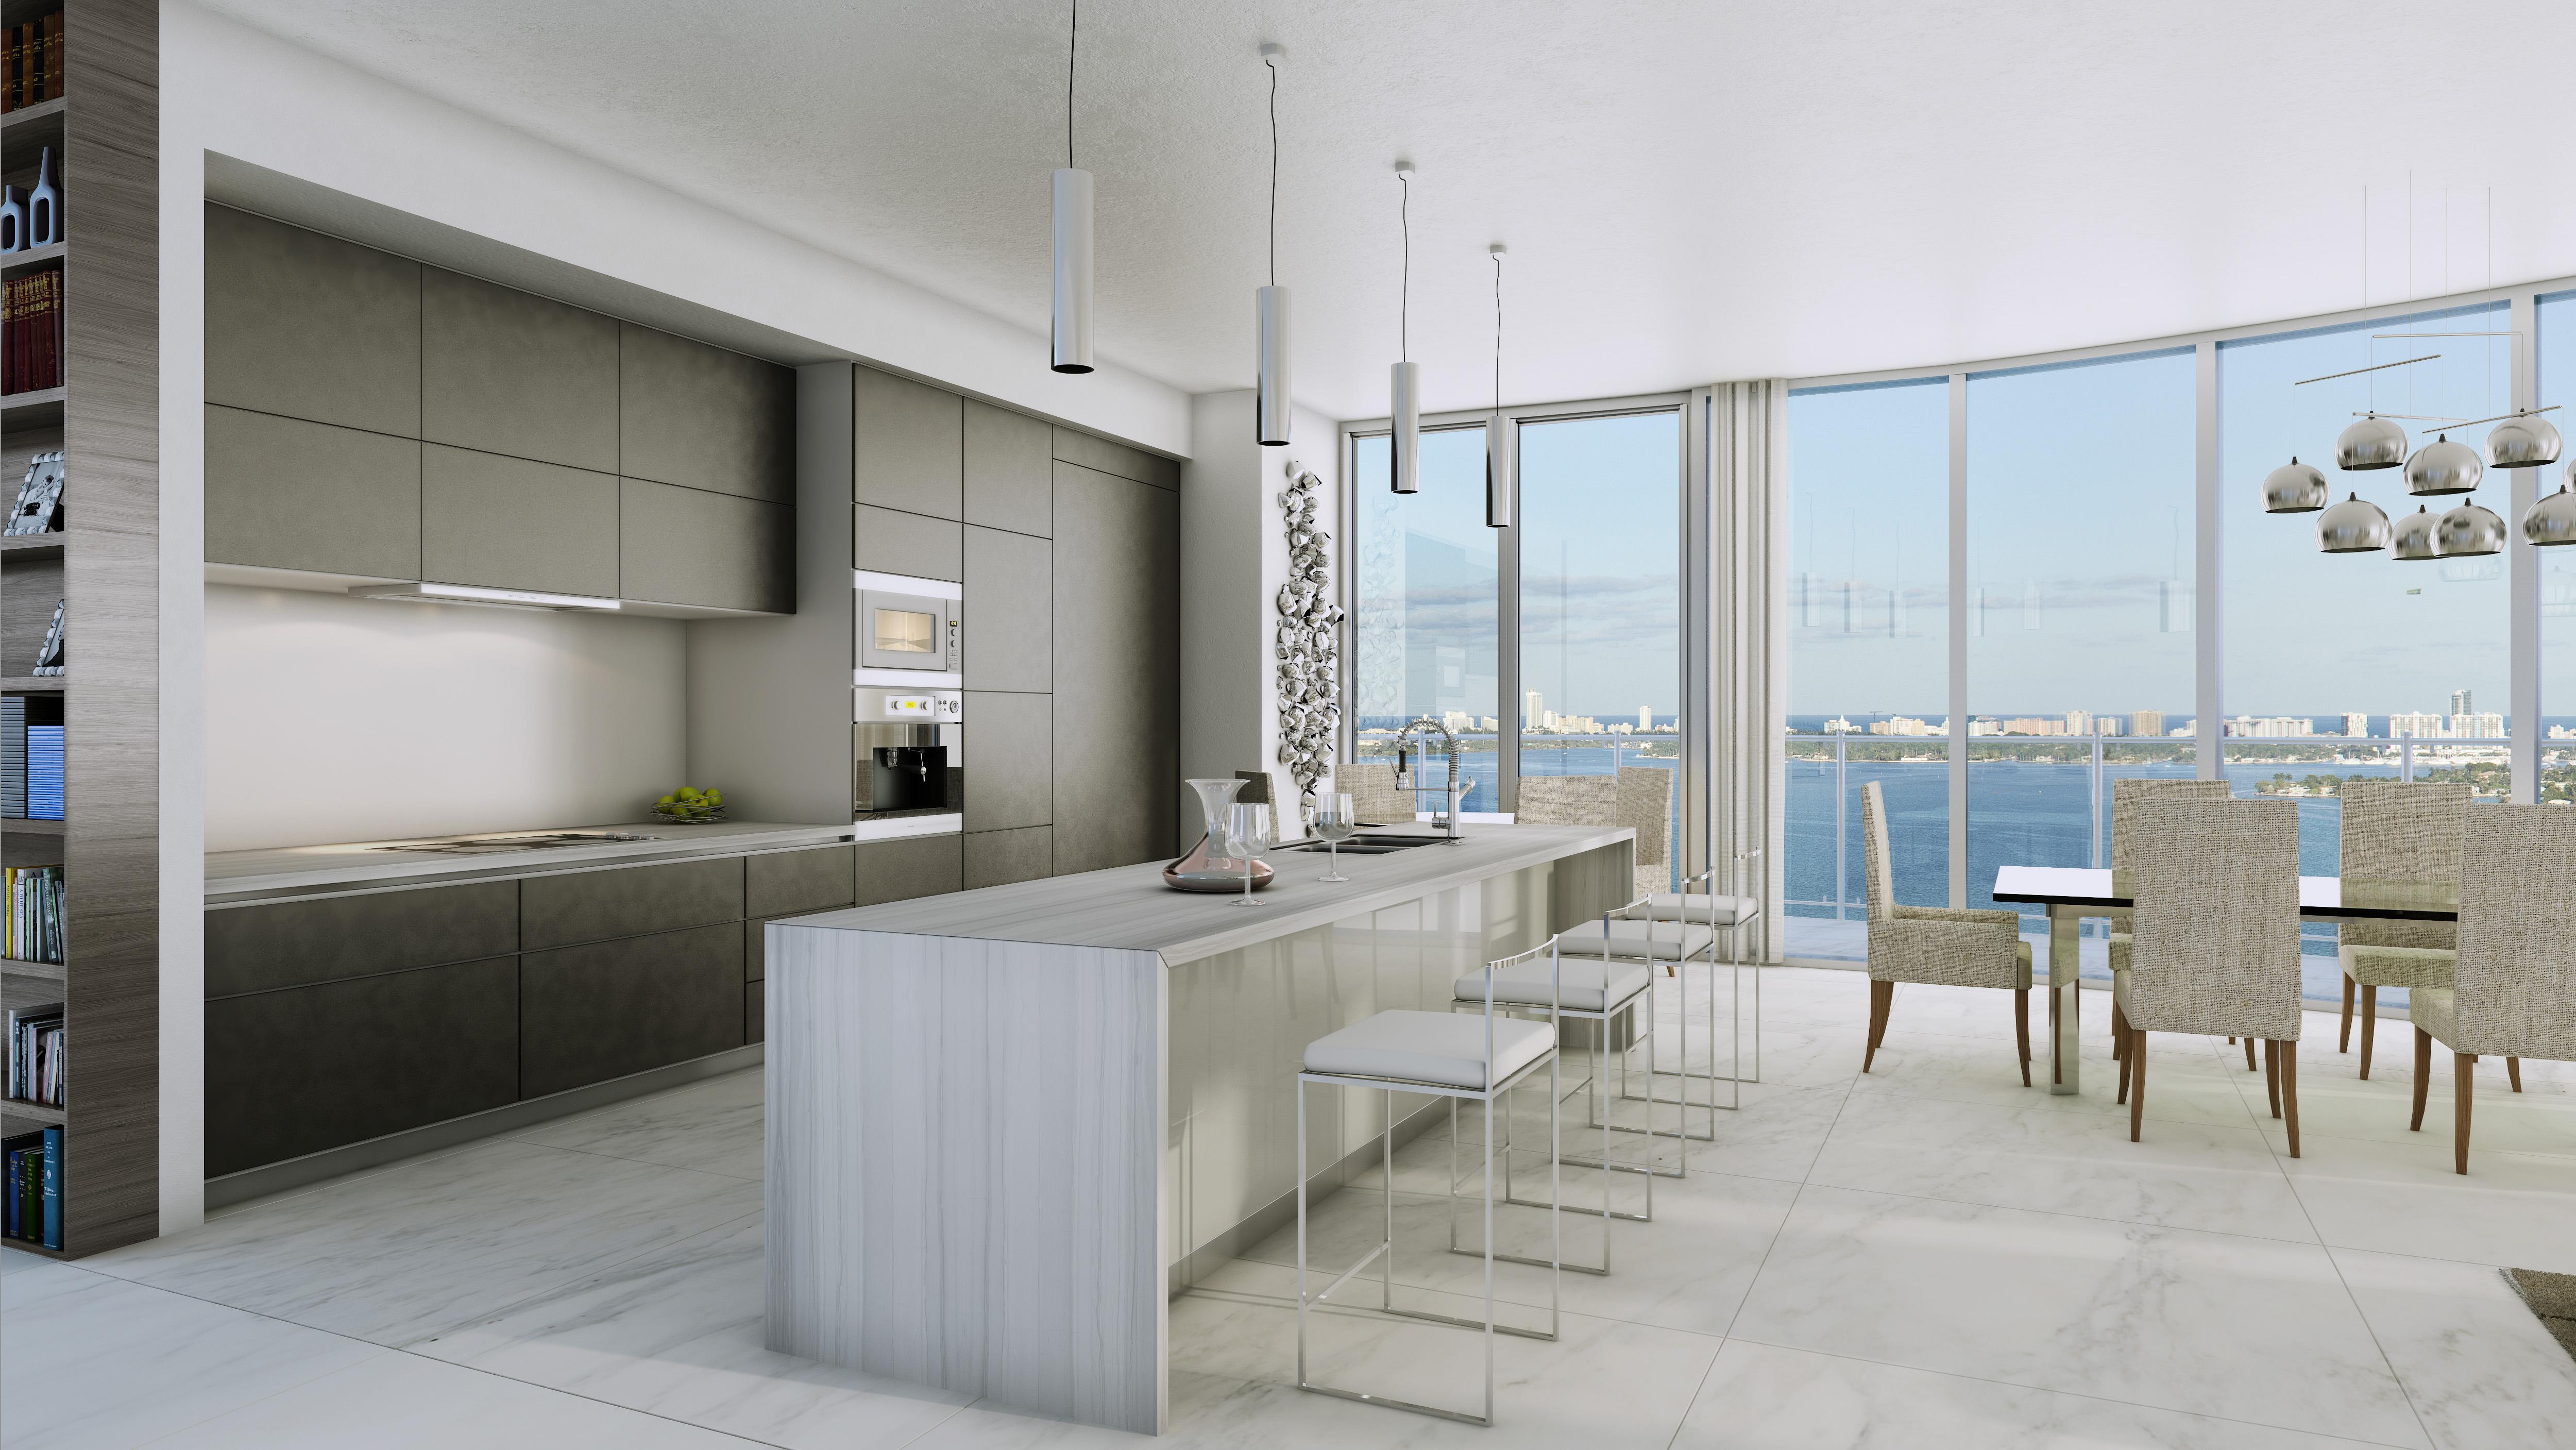 Giancarlo Stanton Buys Miami Penthouse With Glorious